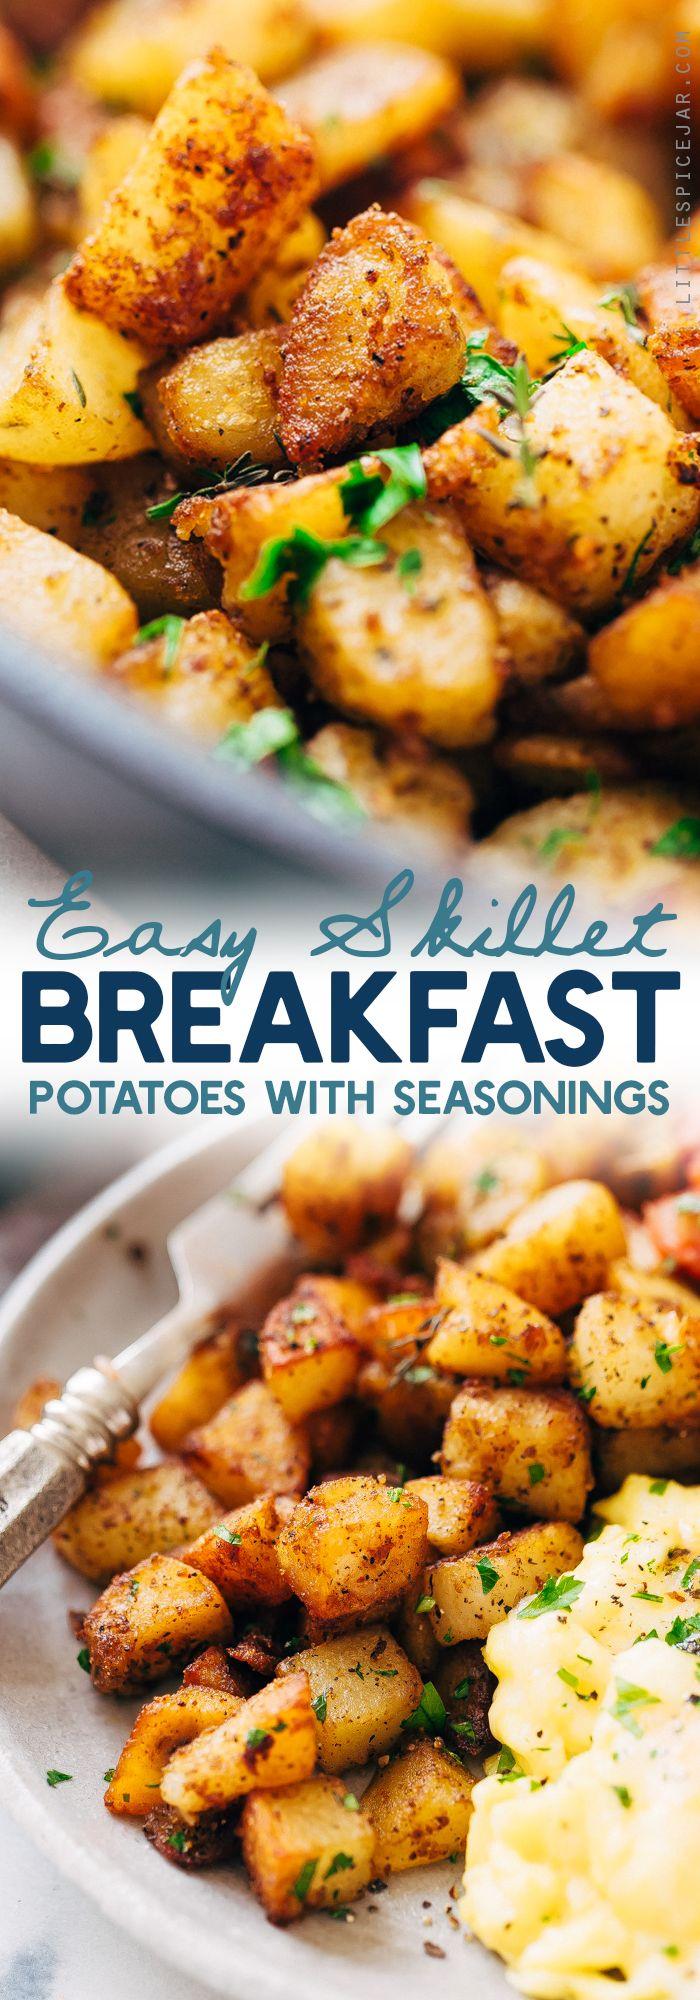 Easy Skillet Breakfast Potatoes - lightly crispy on the outside, tender on the inside. These breakfast potatoes are sure to be a hit! #skilletpotatoes #breakfastpotatoes #crispypotatoes   Littlespicejar.com